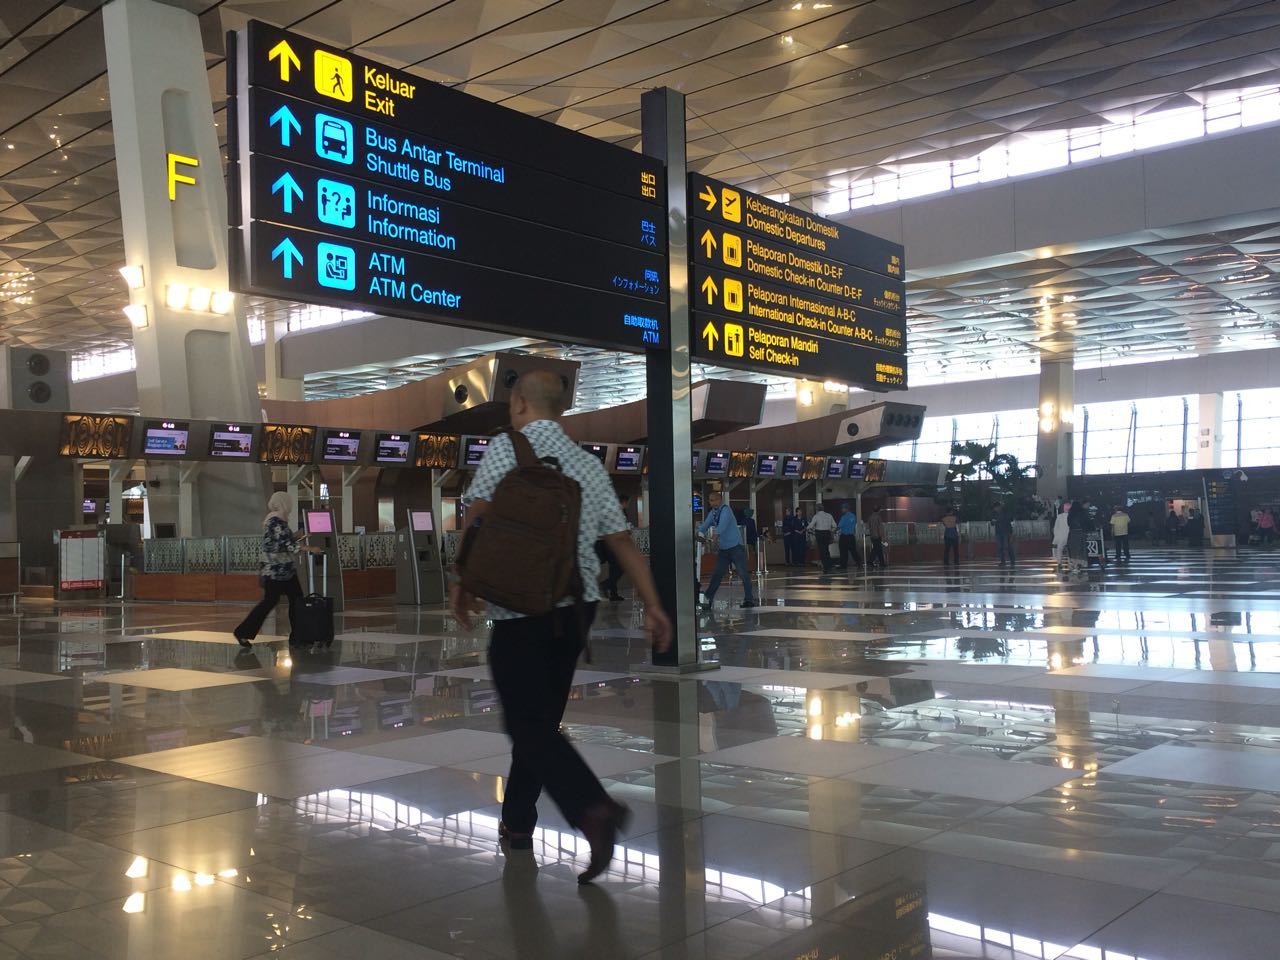 https: img.okezone.com content 2021 01 05 320 2339378 trafik-penumpang-di-15-bandara-anjlok-61-imbas-covid-19-BexnCF4c4f.jpg